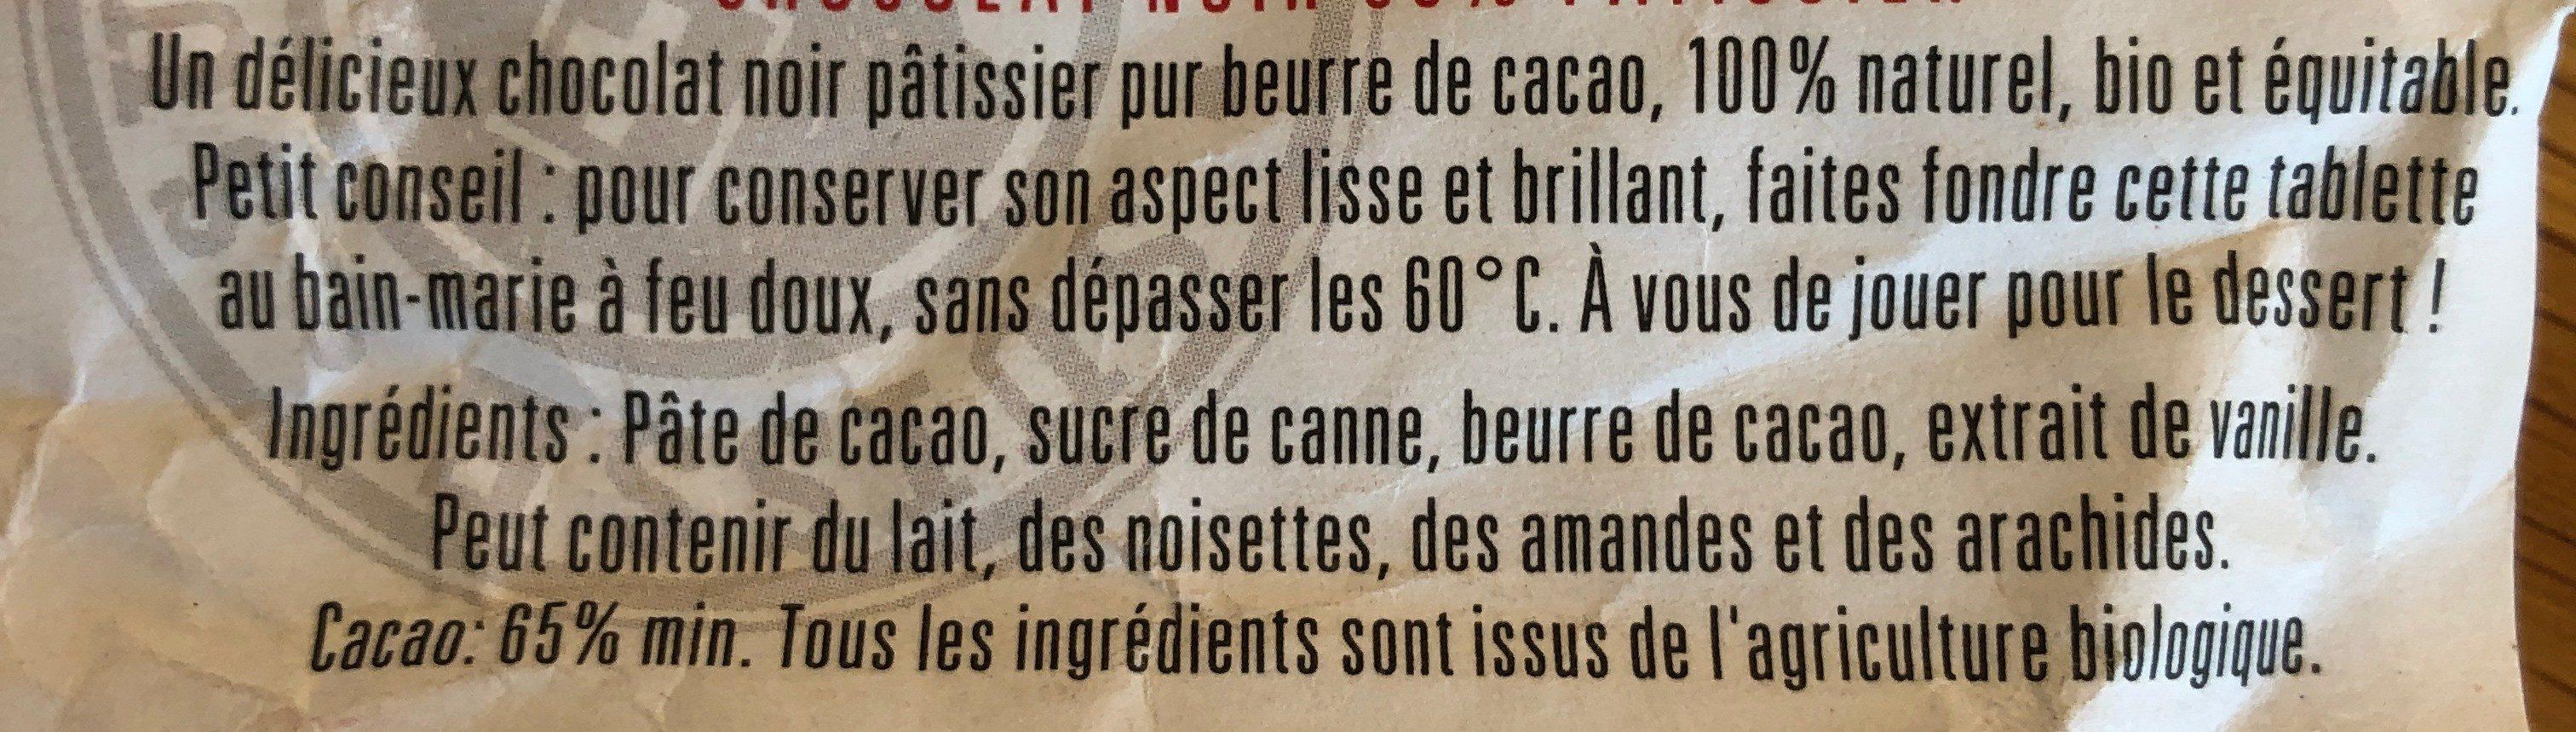 chocolat noir 65% pâtissier - Ingrédients